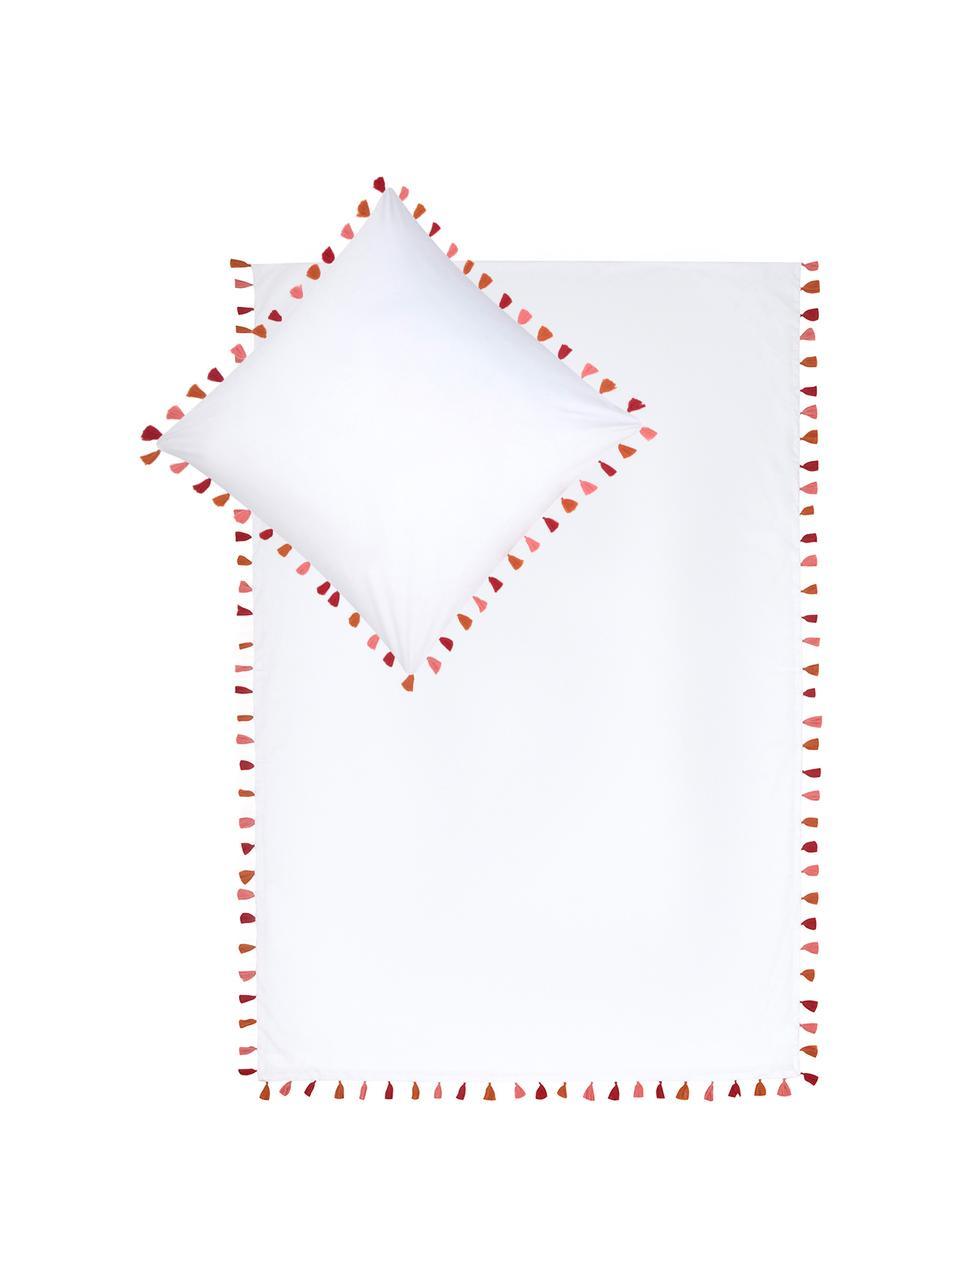 Baumwollperkal-Bettwäsche Quo mit Quasten, Webart: Perkal Fadendichte 200 TC, Weiß, Mehrfarbig, 240 x 220 cm + 2 Kissen 80 x 80 cm